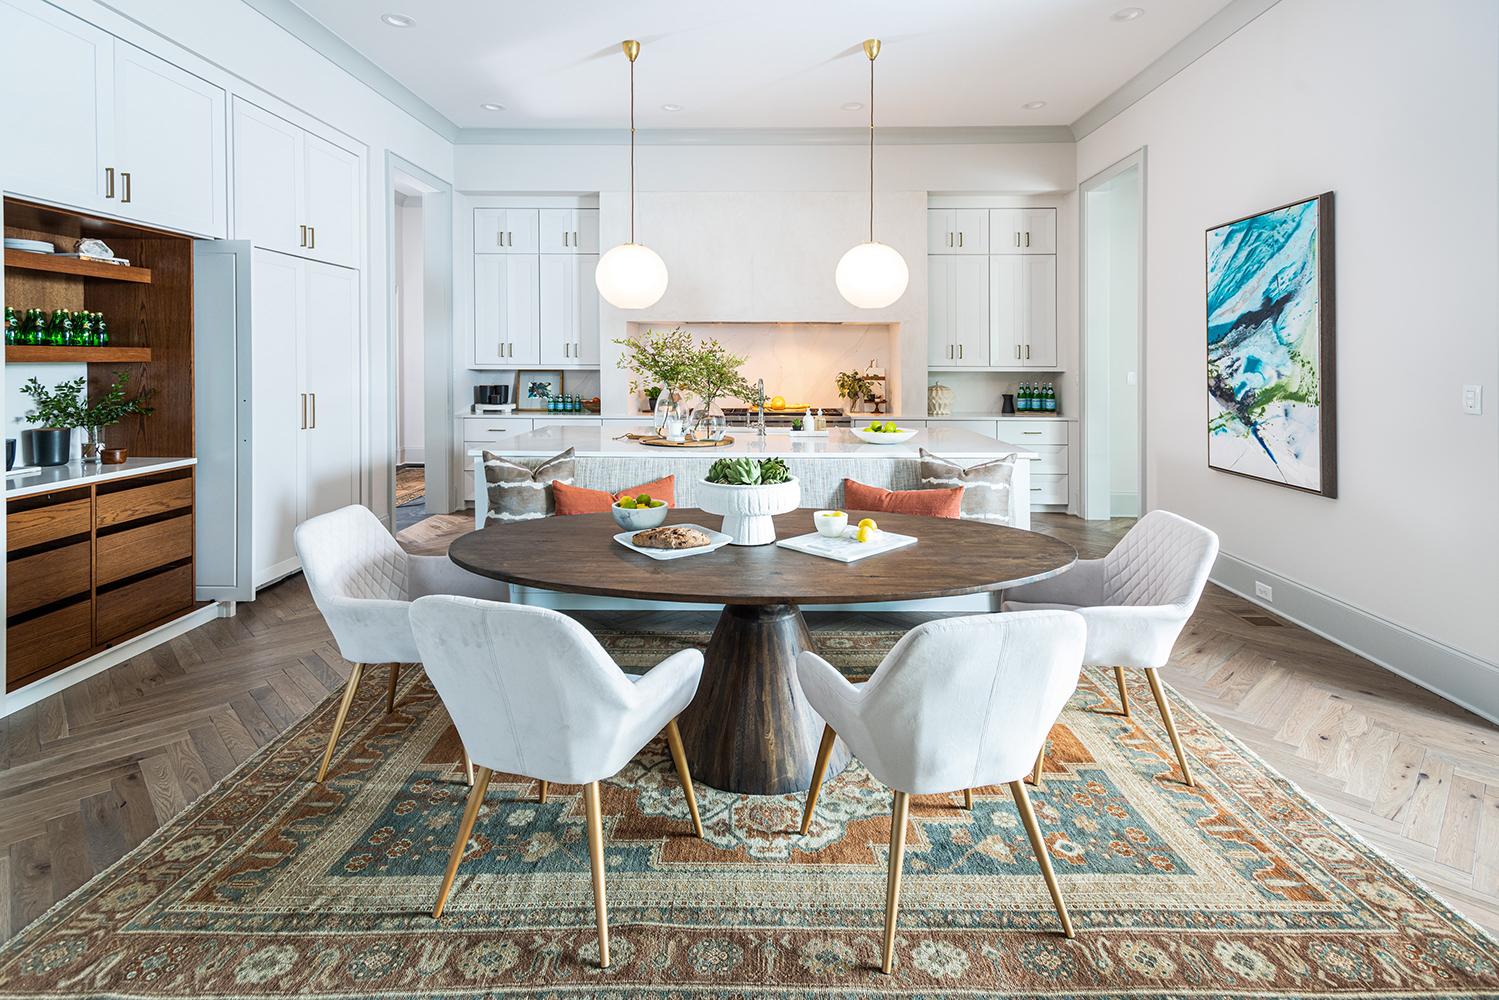 Residential Designer: Jack Herr Designs   Builder: Legend Homes   Interior Design: JFY Designs   Photo: Reed Brown Photography